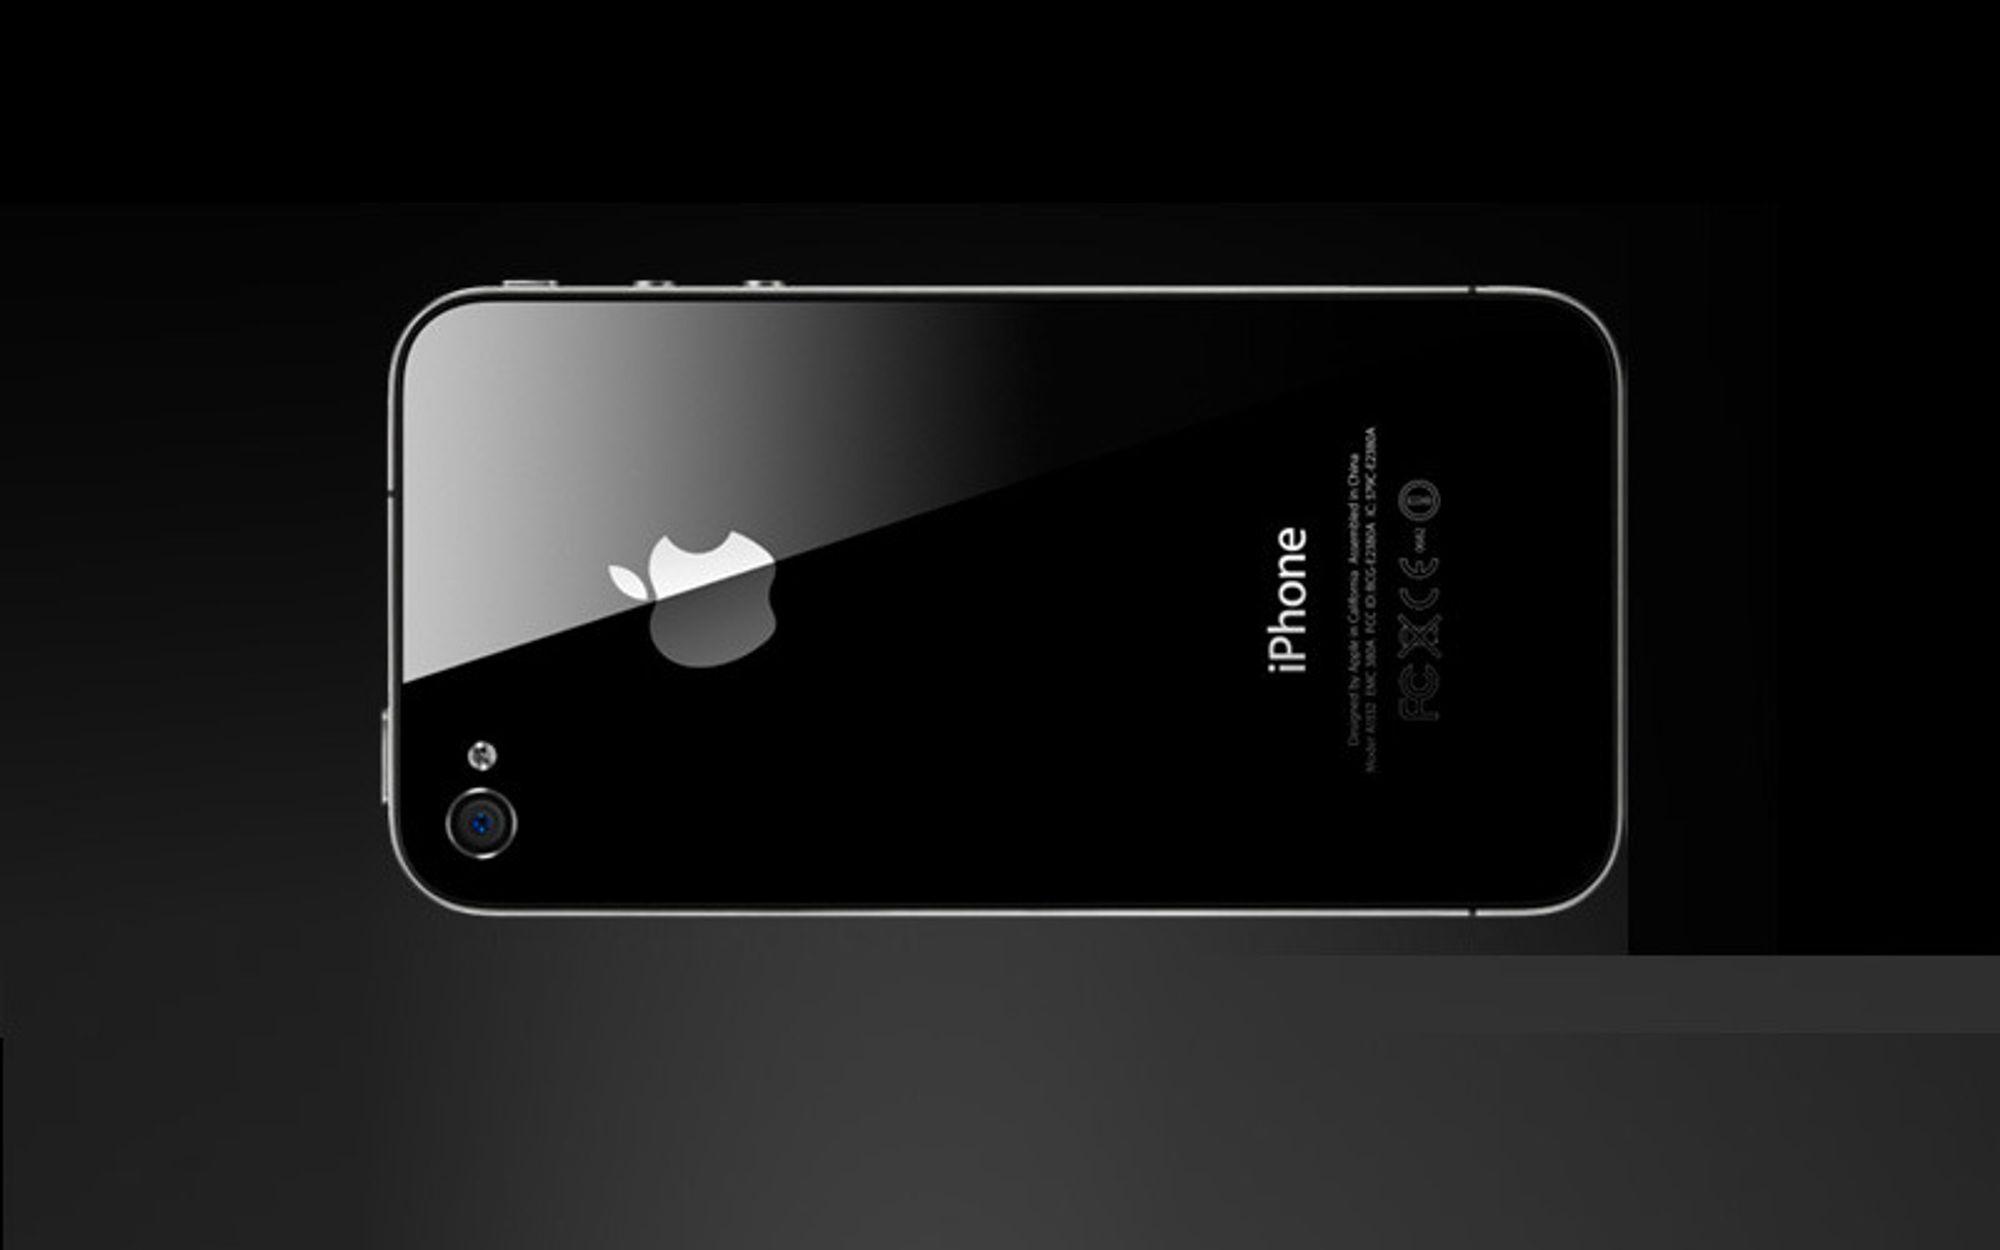 Slik får du iPhone-batteriet til å vare